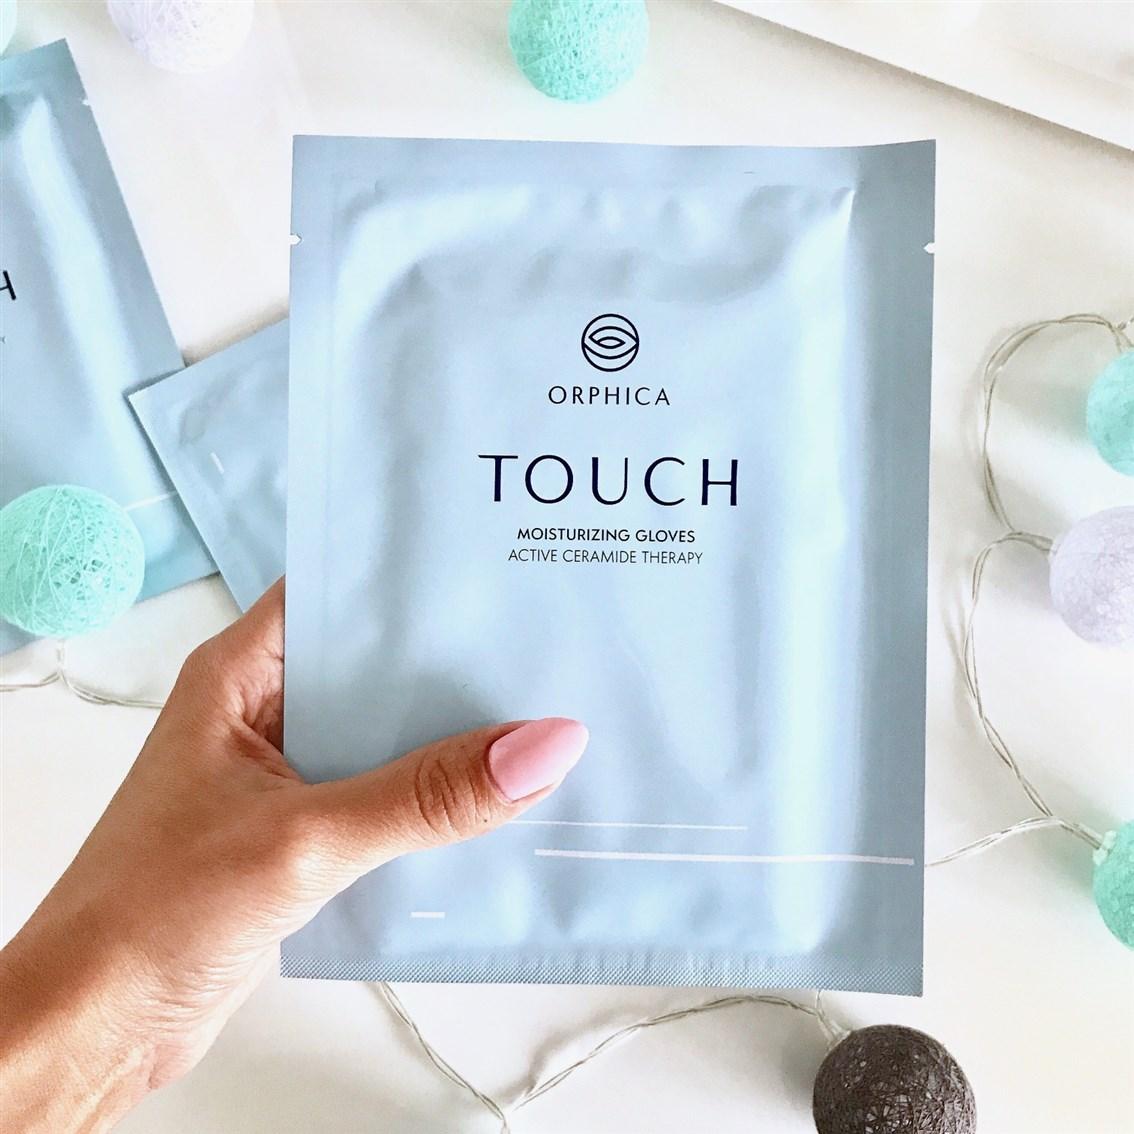 rękawiczki nawilżające do rąk, Orphica Touch rękawiczki, SPA dłoni